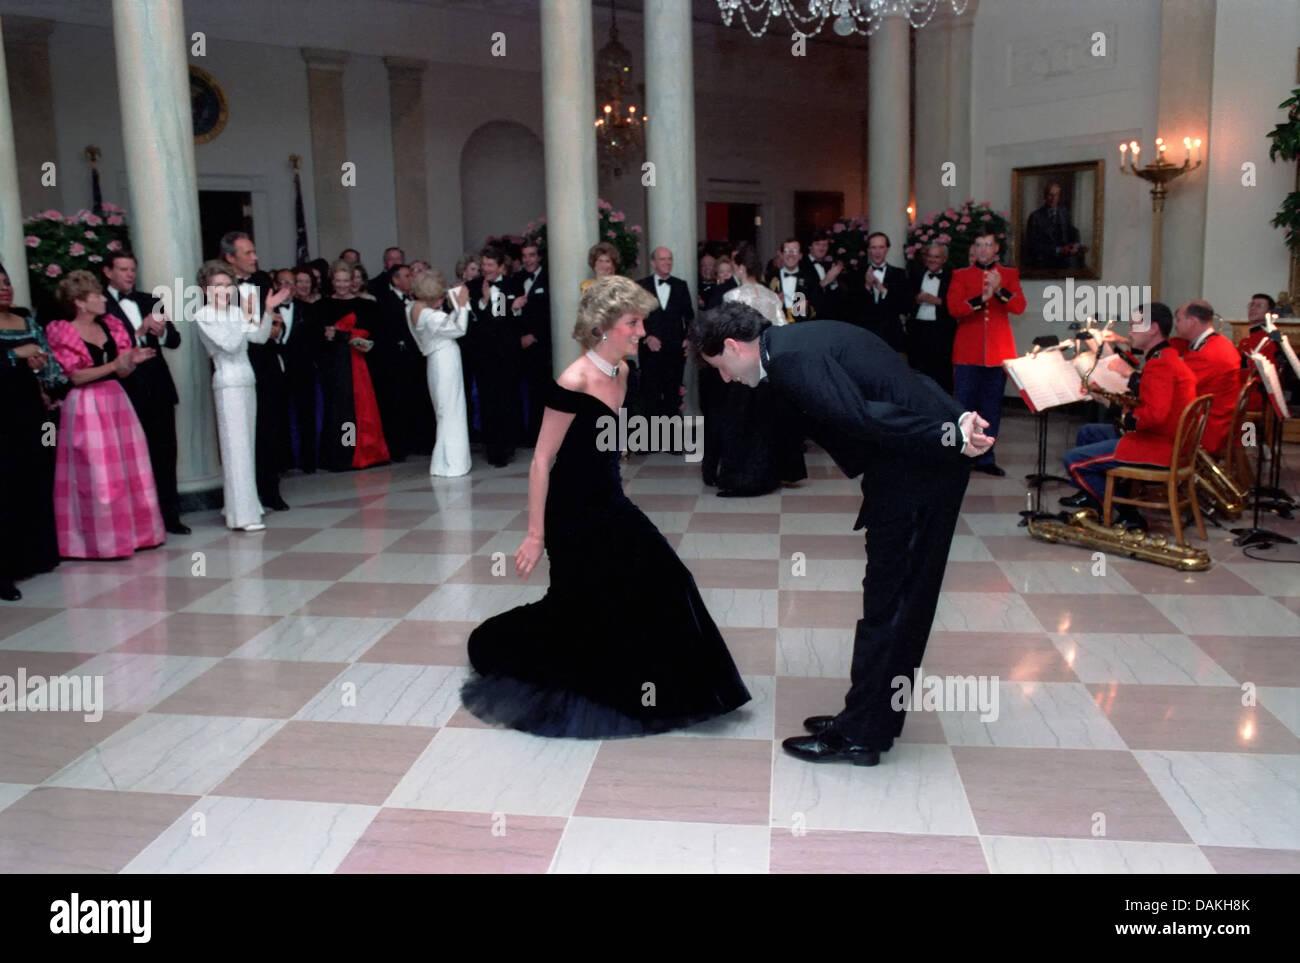 Schauspieler John Travolta verbeugt sich Diana, Princess of Wales nach ihren Tanz beim White House Gala Dinner 9. November 1985 in Washington, DC. Stockfoto